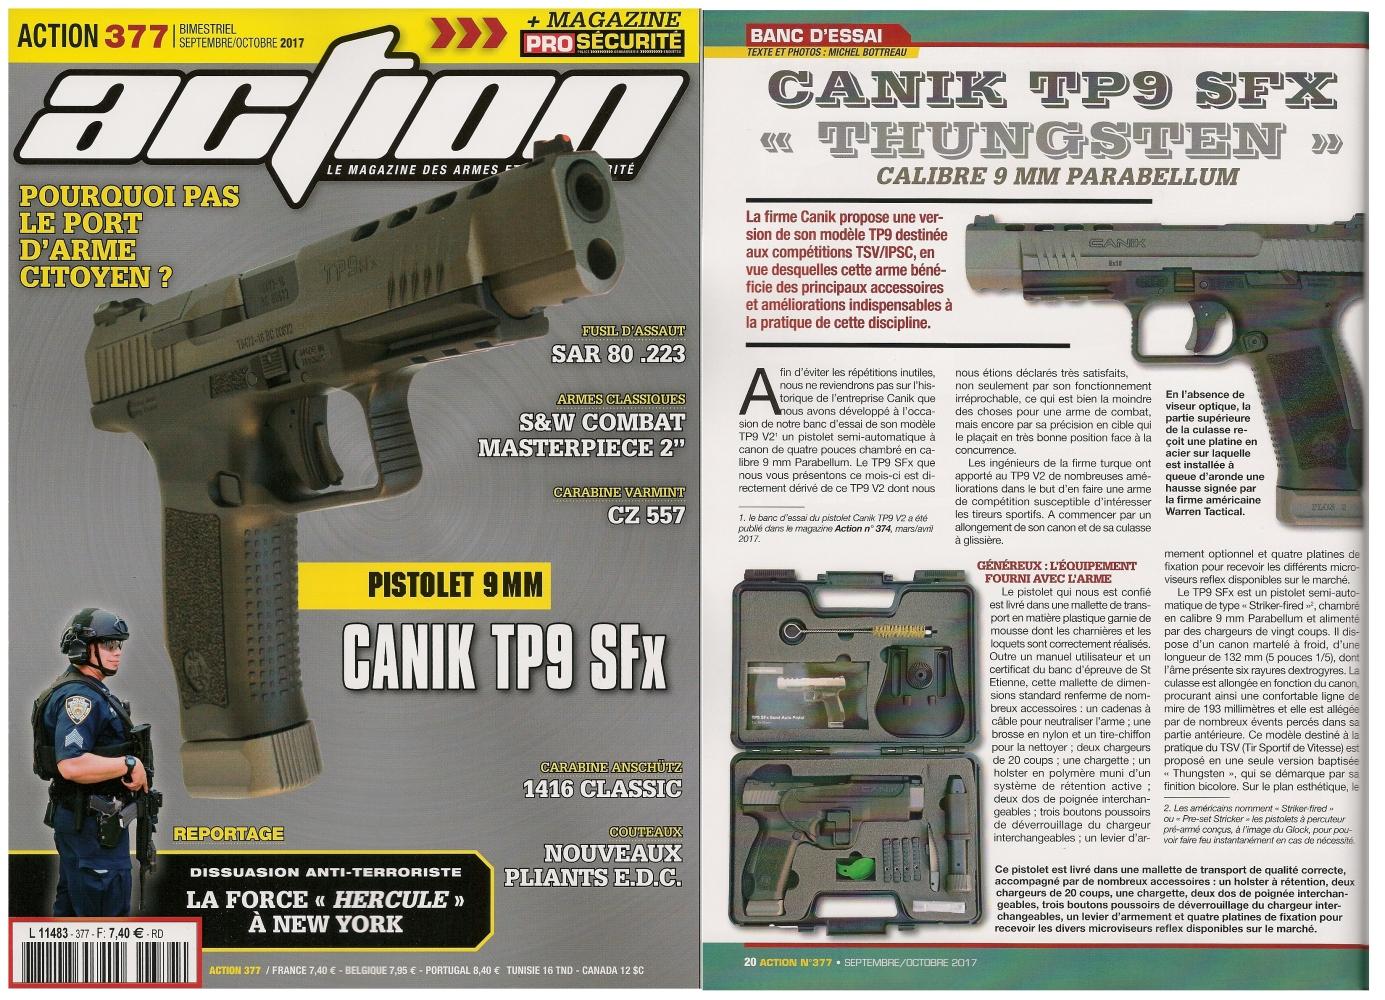 Le banc d'essai du pistolet Canik TP9 SFx Thungsten a été publié sur 6 pages dans le magazine Action n° 377 (septembre/octobre 2017).